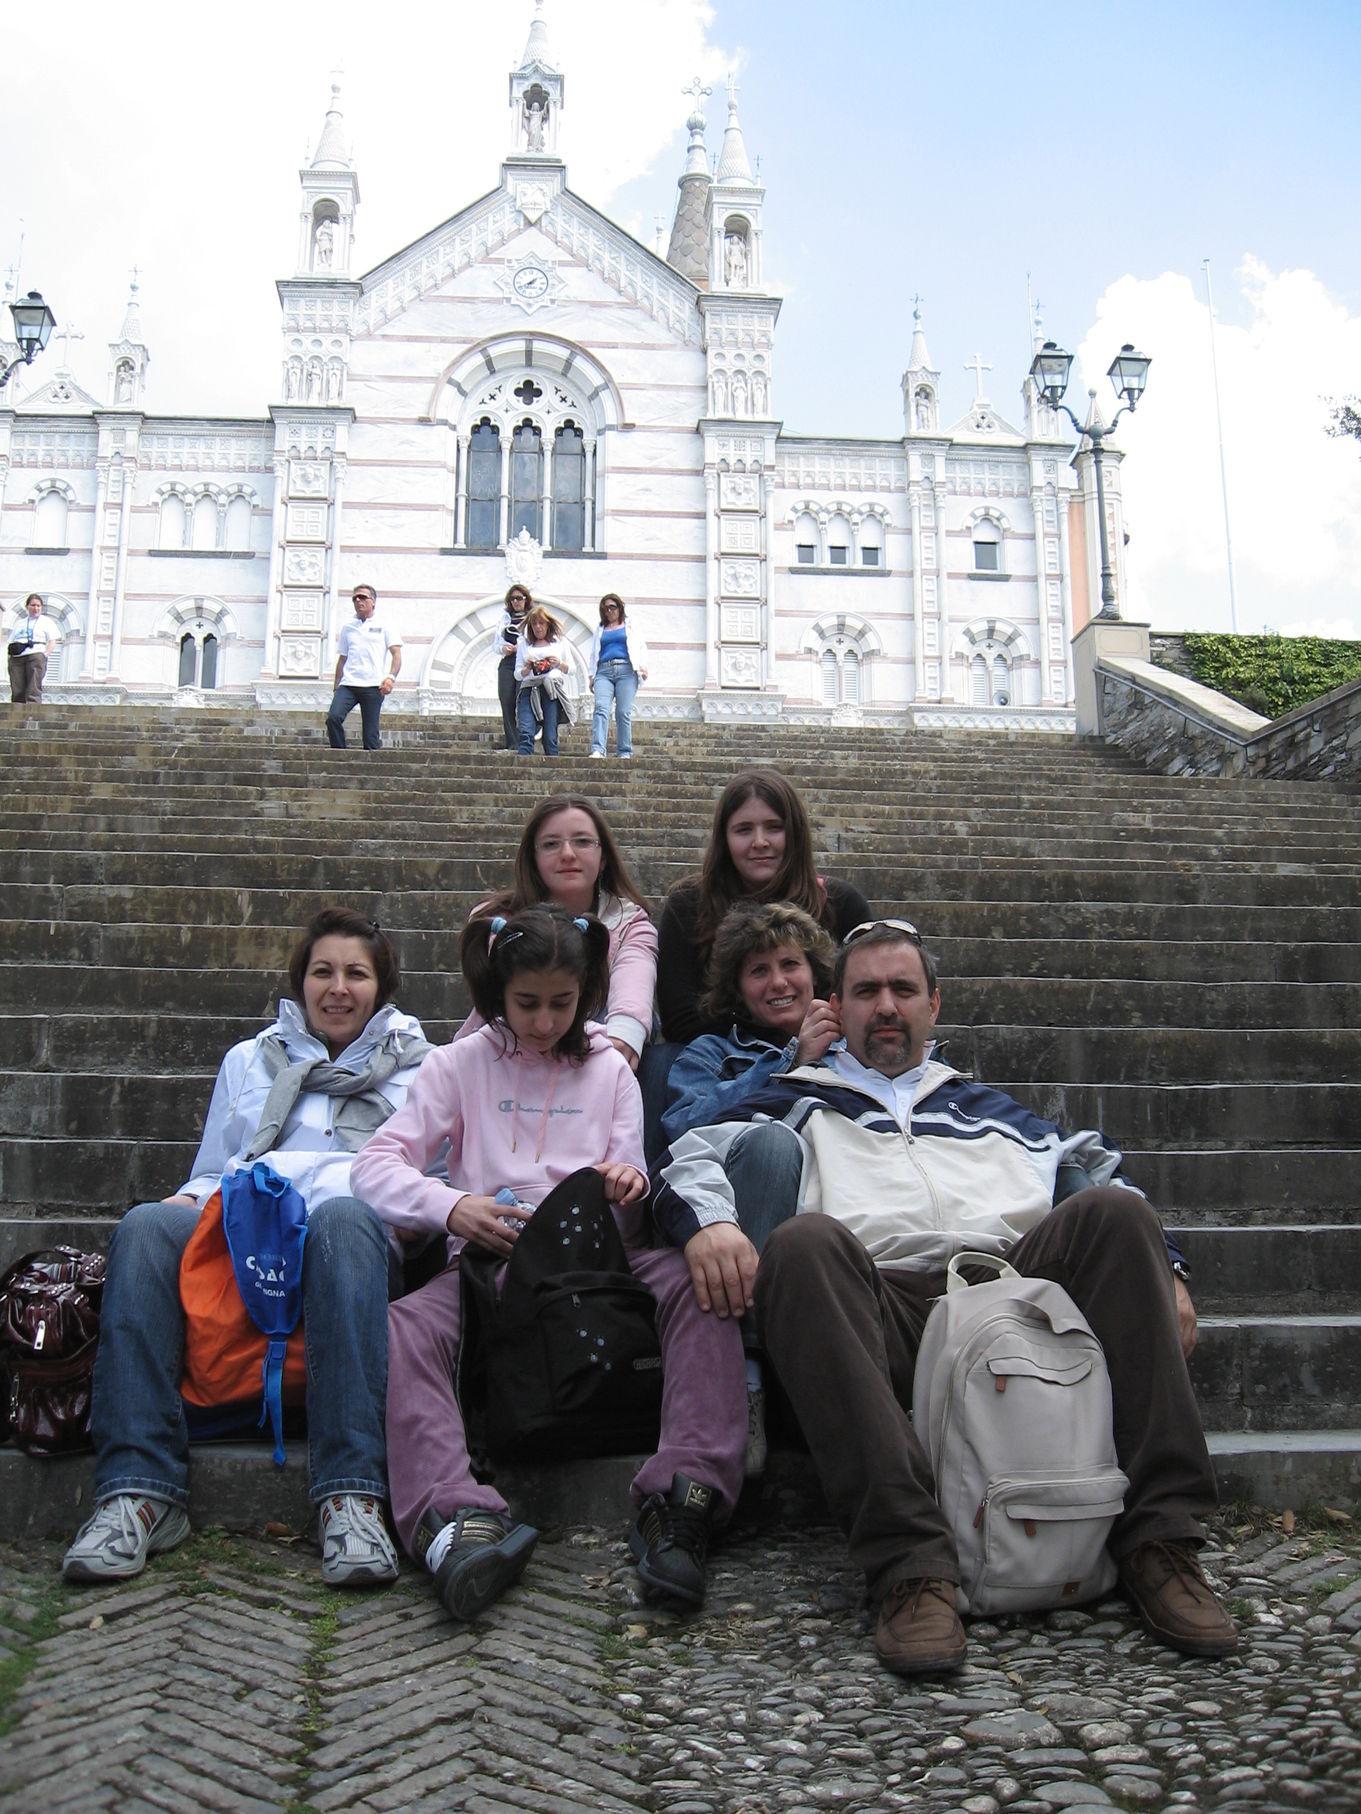 Montallegro-2009-04-13--13.40.05.jpg